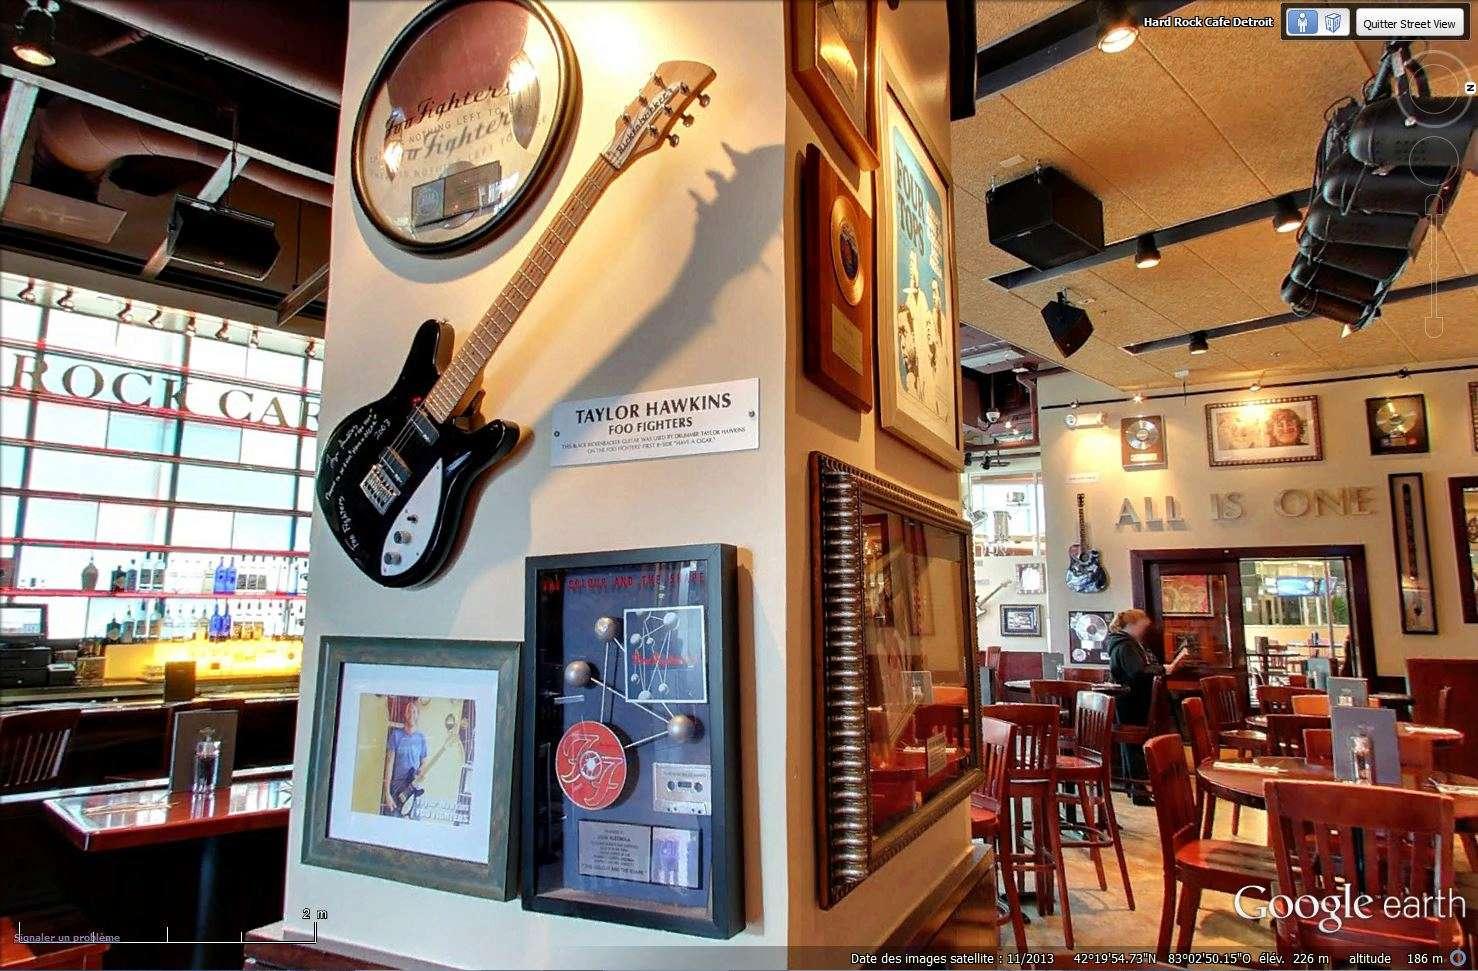 """Enseignes """"Hard Rock Cafe"""" dans le monde - Page 5 Tsge_082"""